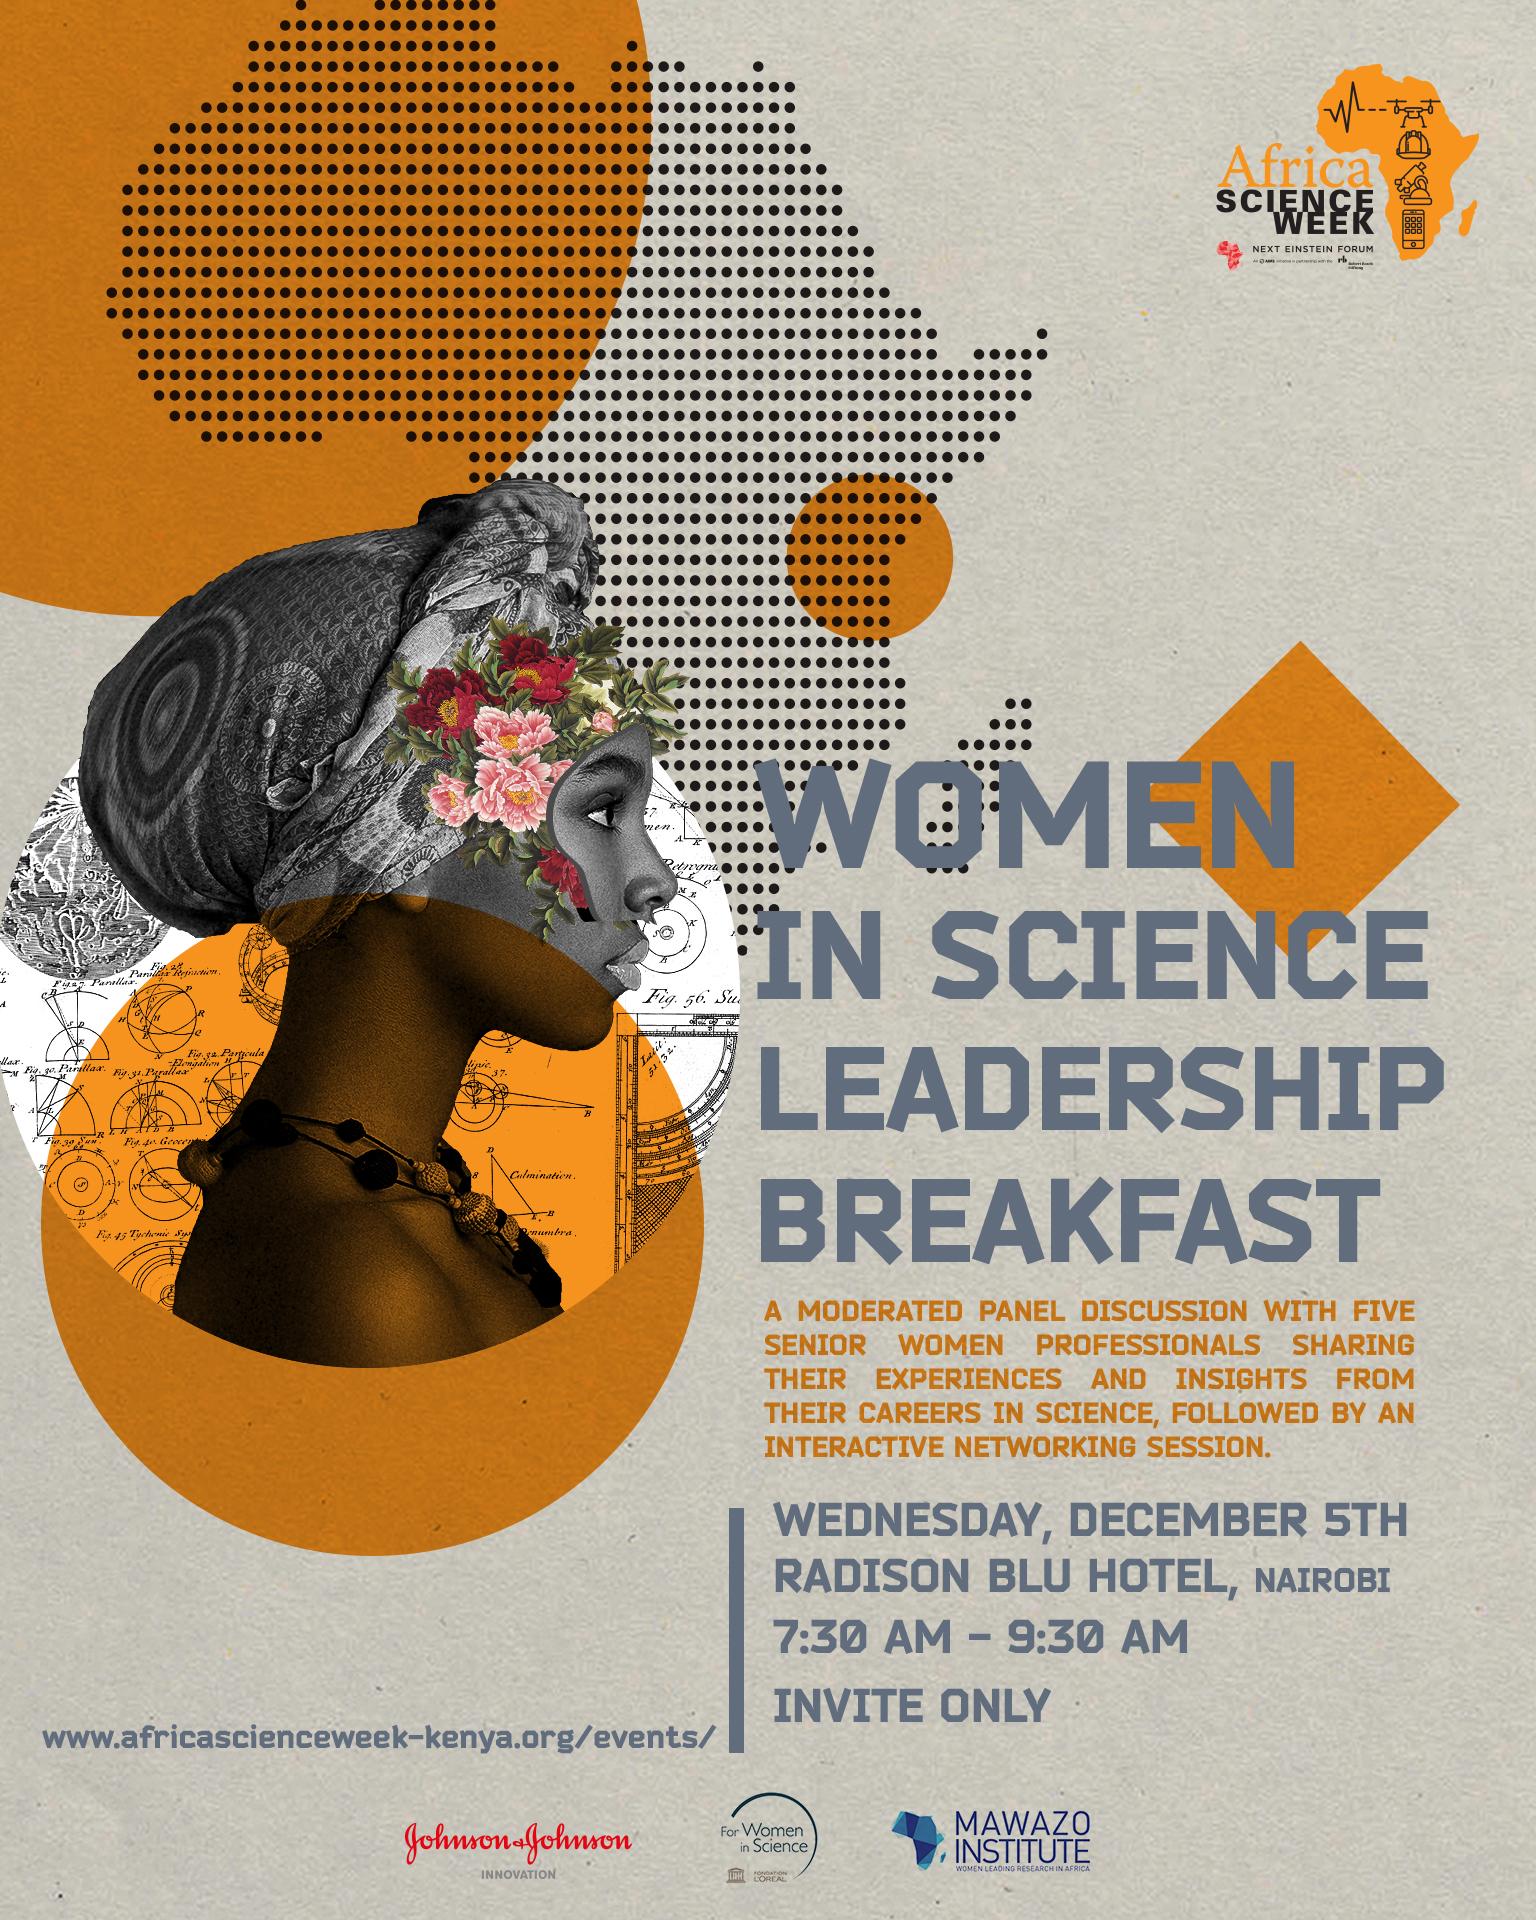 Women in science breakfast.jpg